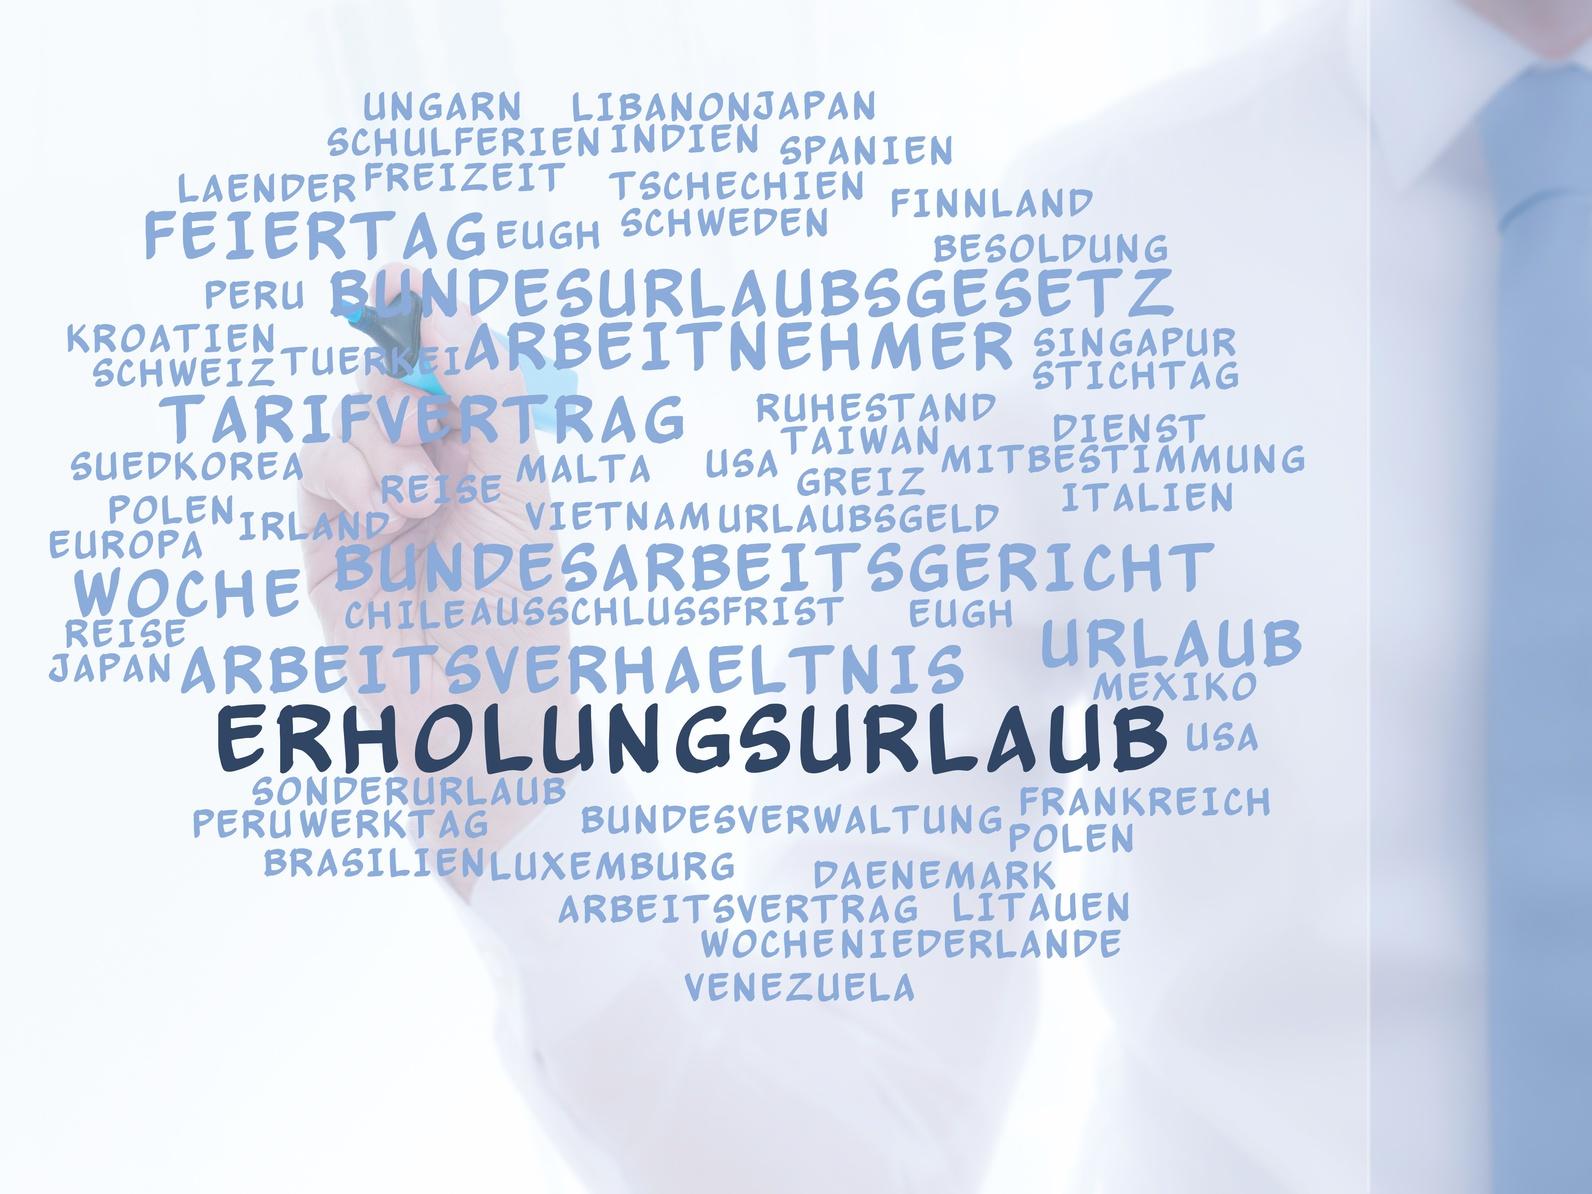 Minijob Und Urlaub Was Gilt Dgb Rechtsschutz Gmbh